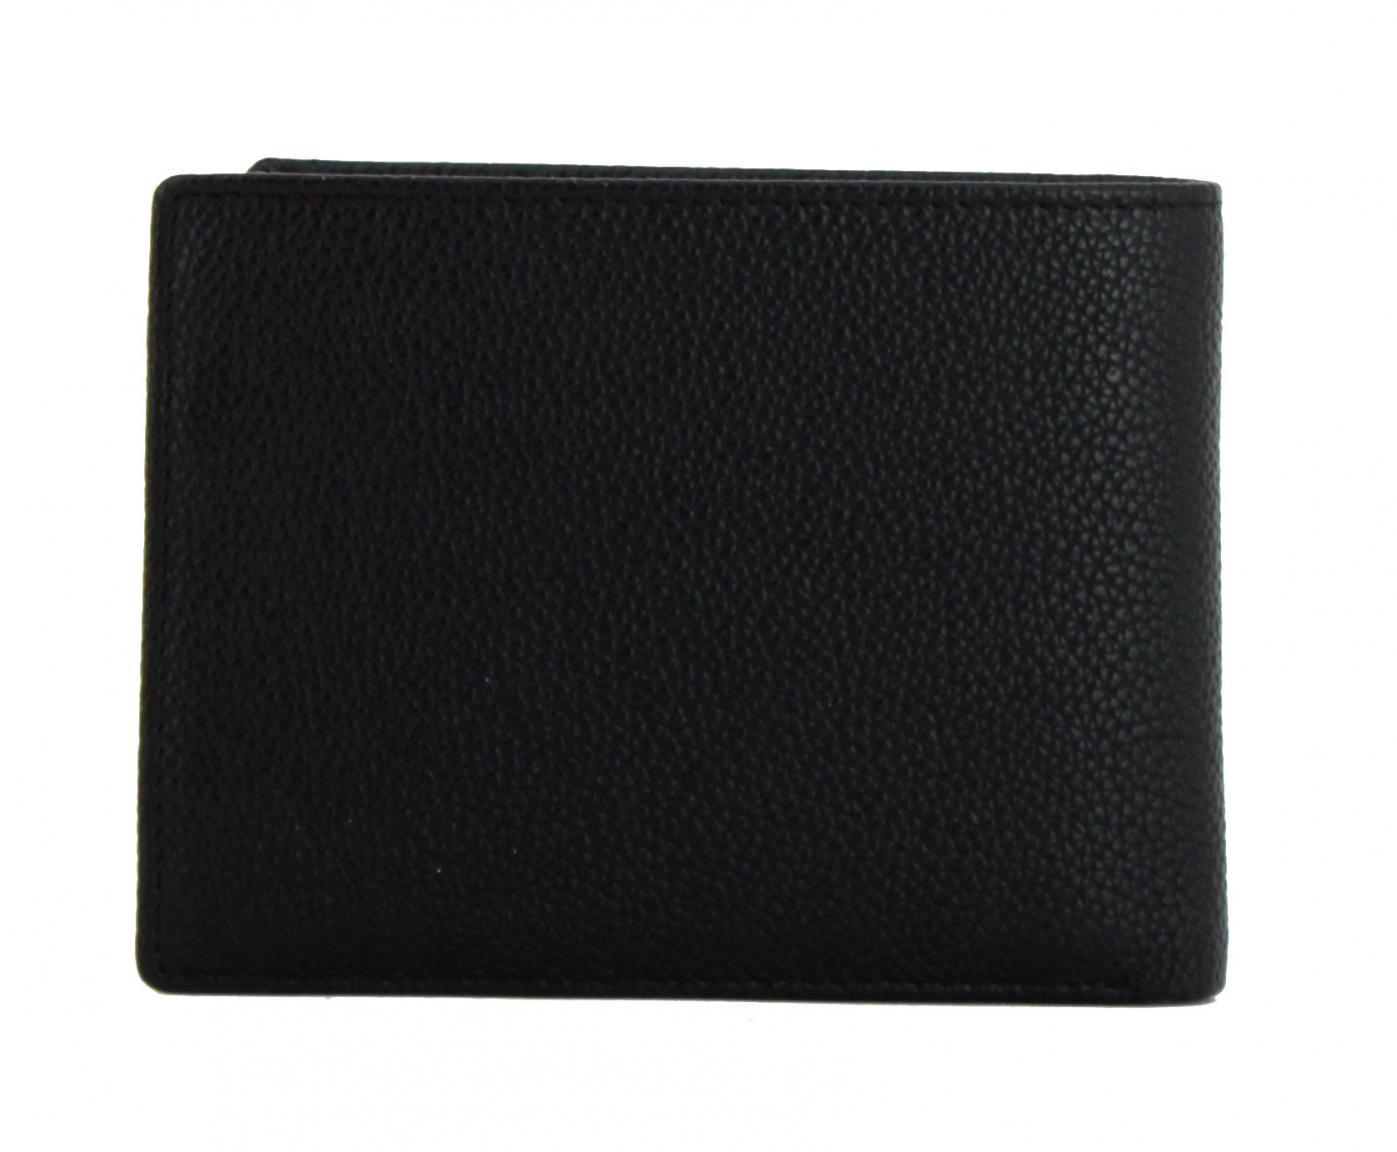 Geldbeutel L.Credi Munich Alfredo RFID-Schutz schwarz